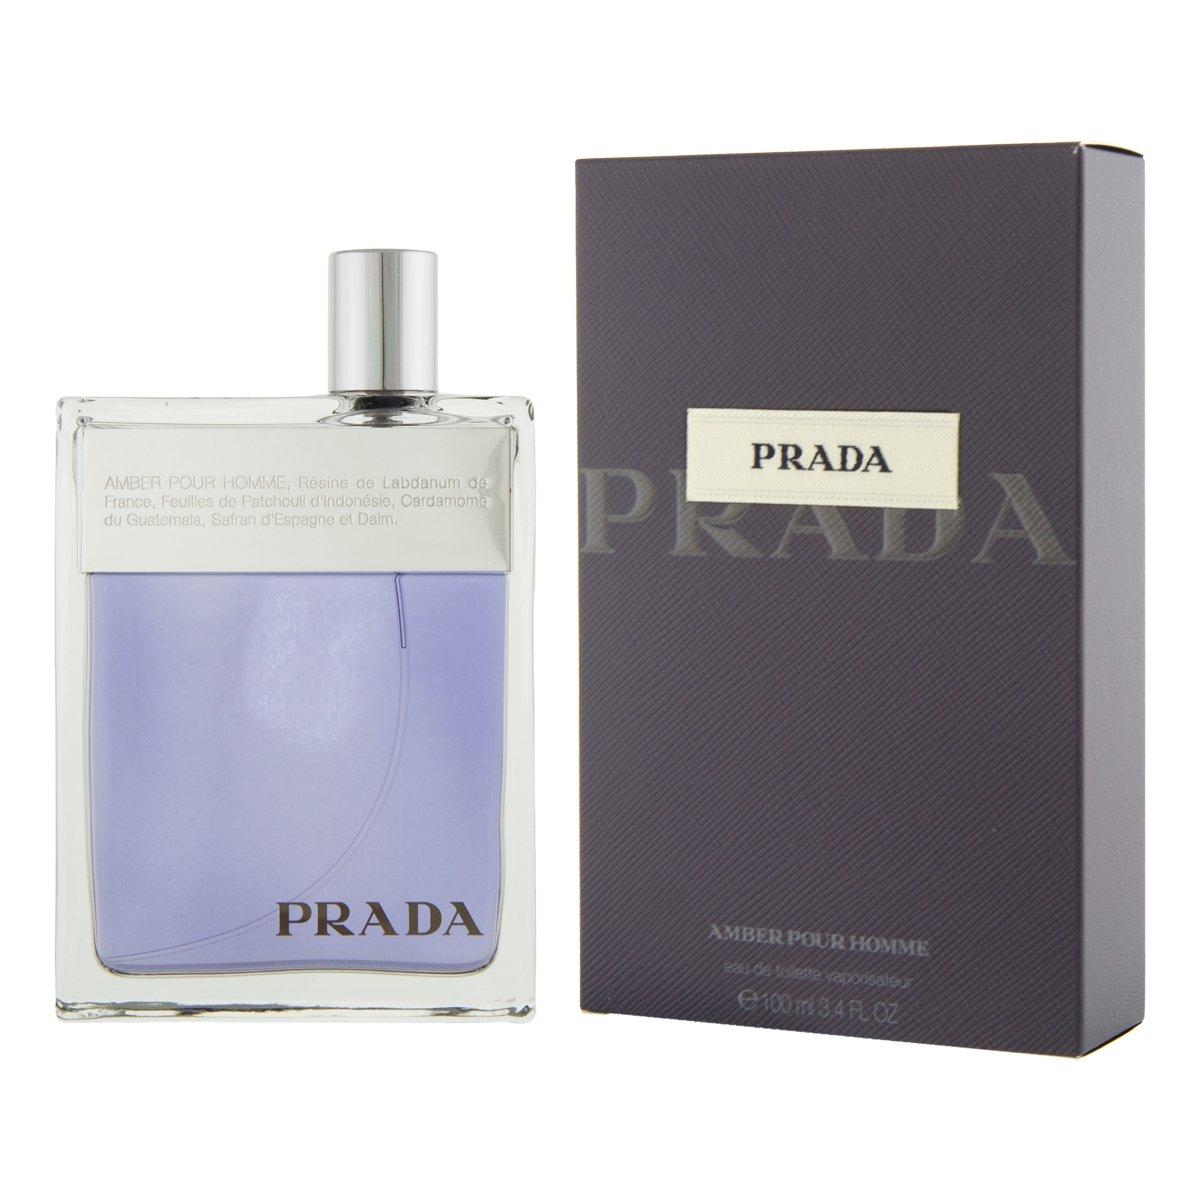 4fa6f714 Prada Cologne by Prada for Men. Eau De Toilette Spray 3.4 Oz / 100 Ml